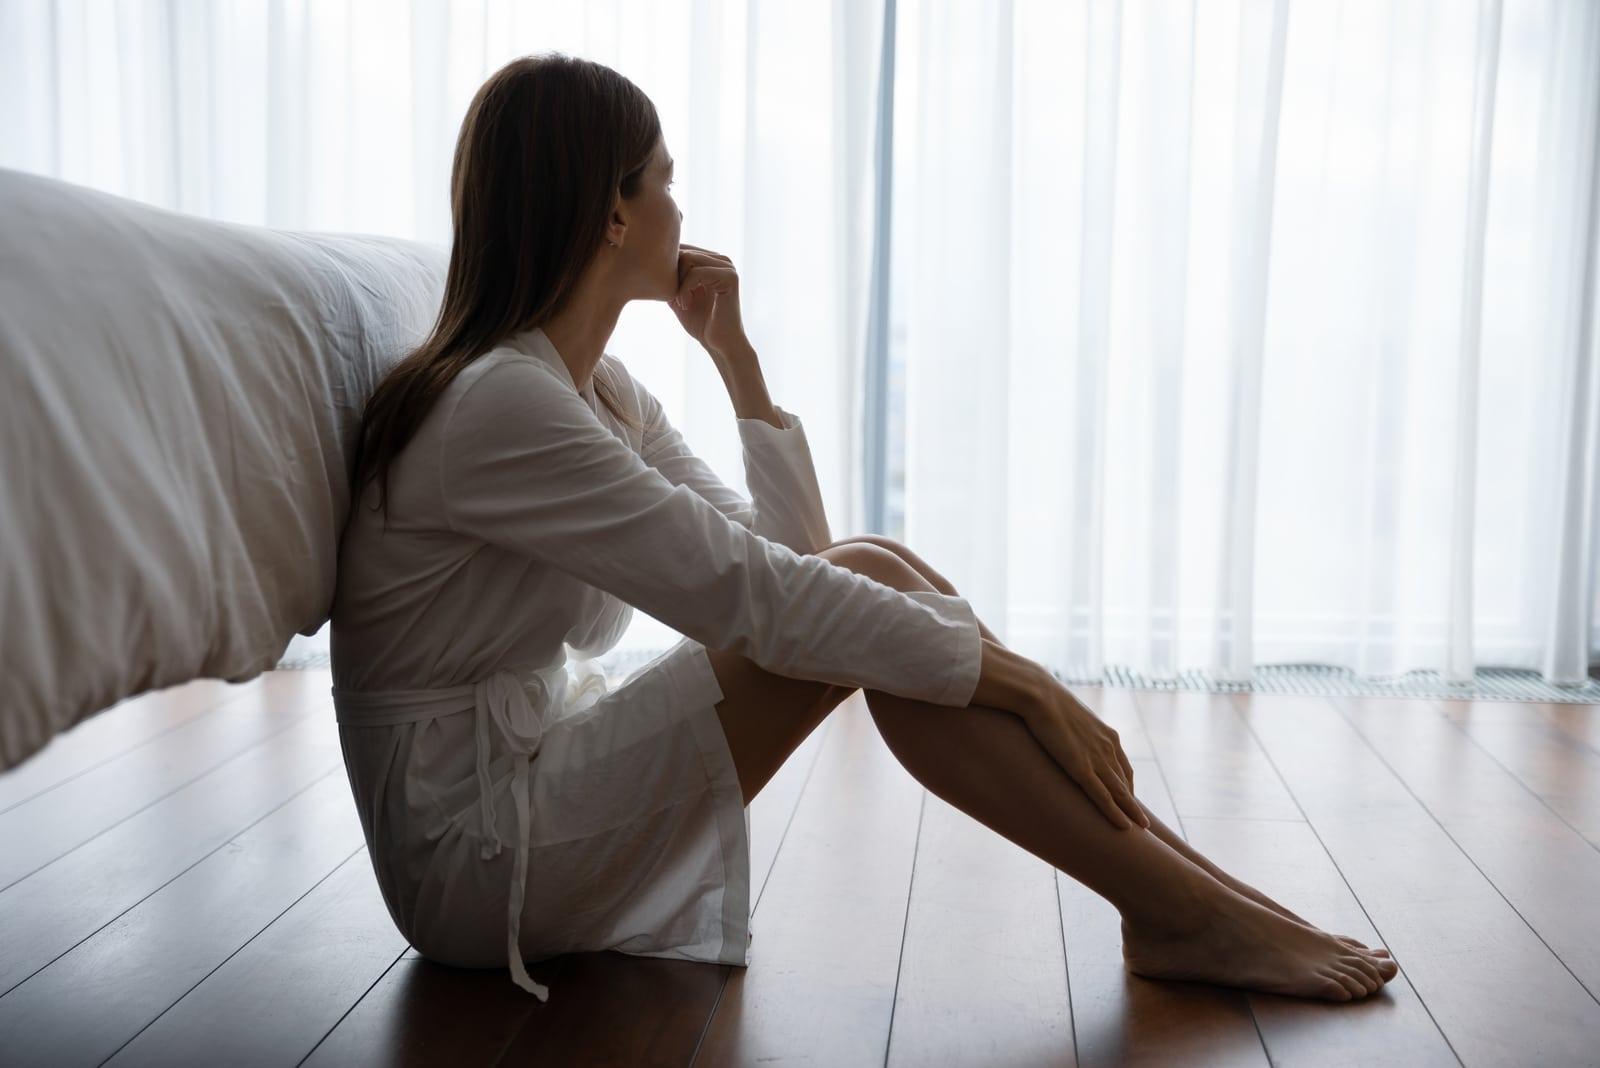 sad woman sitting on bedroom floor